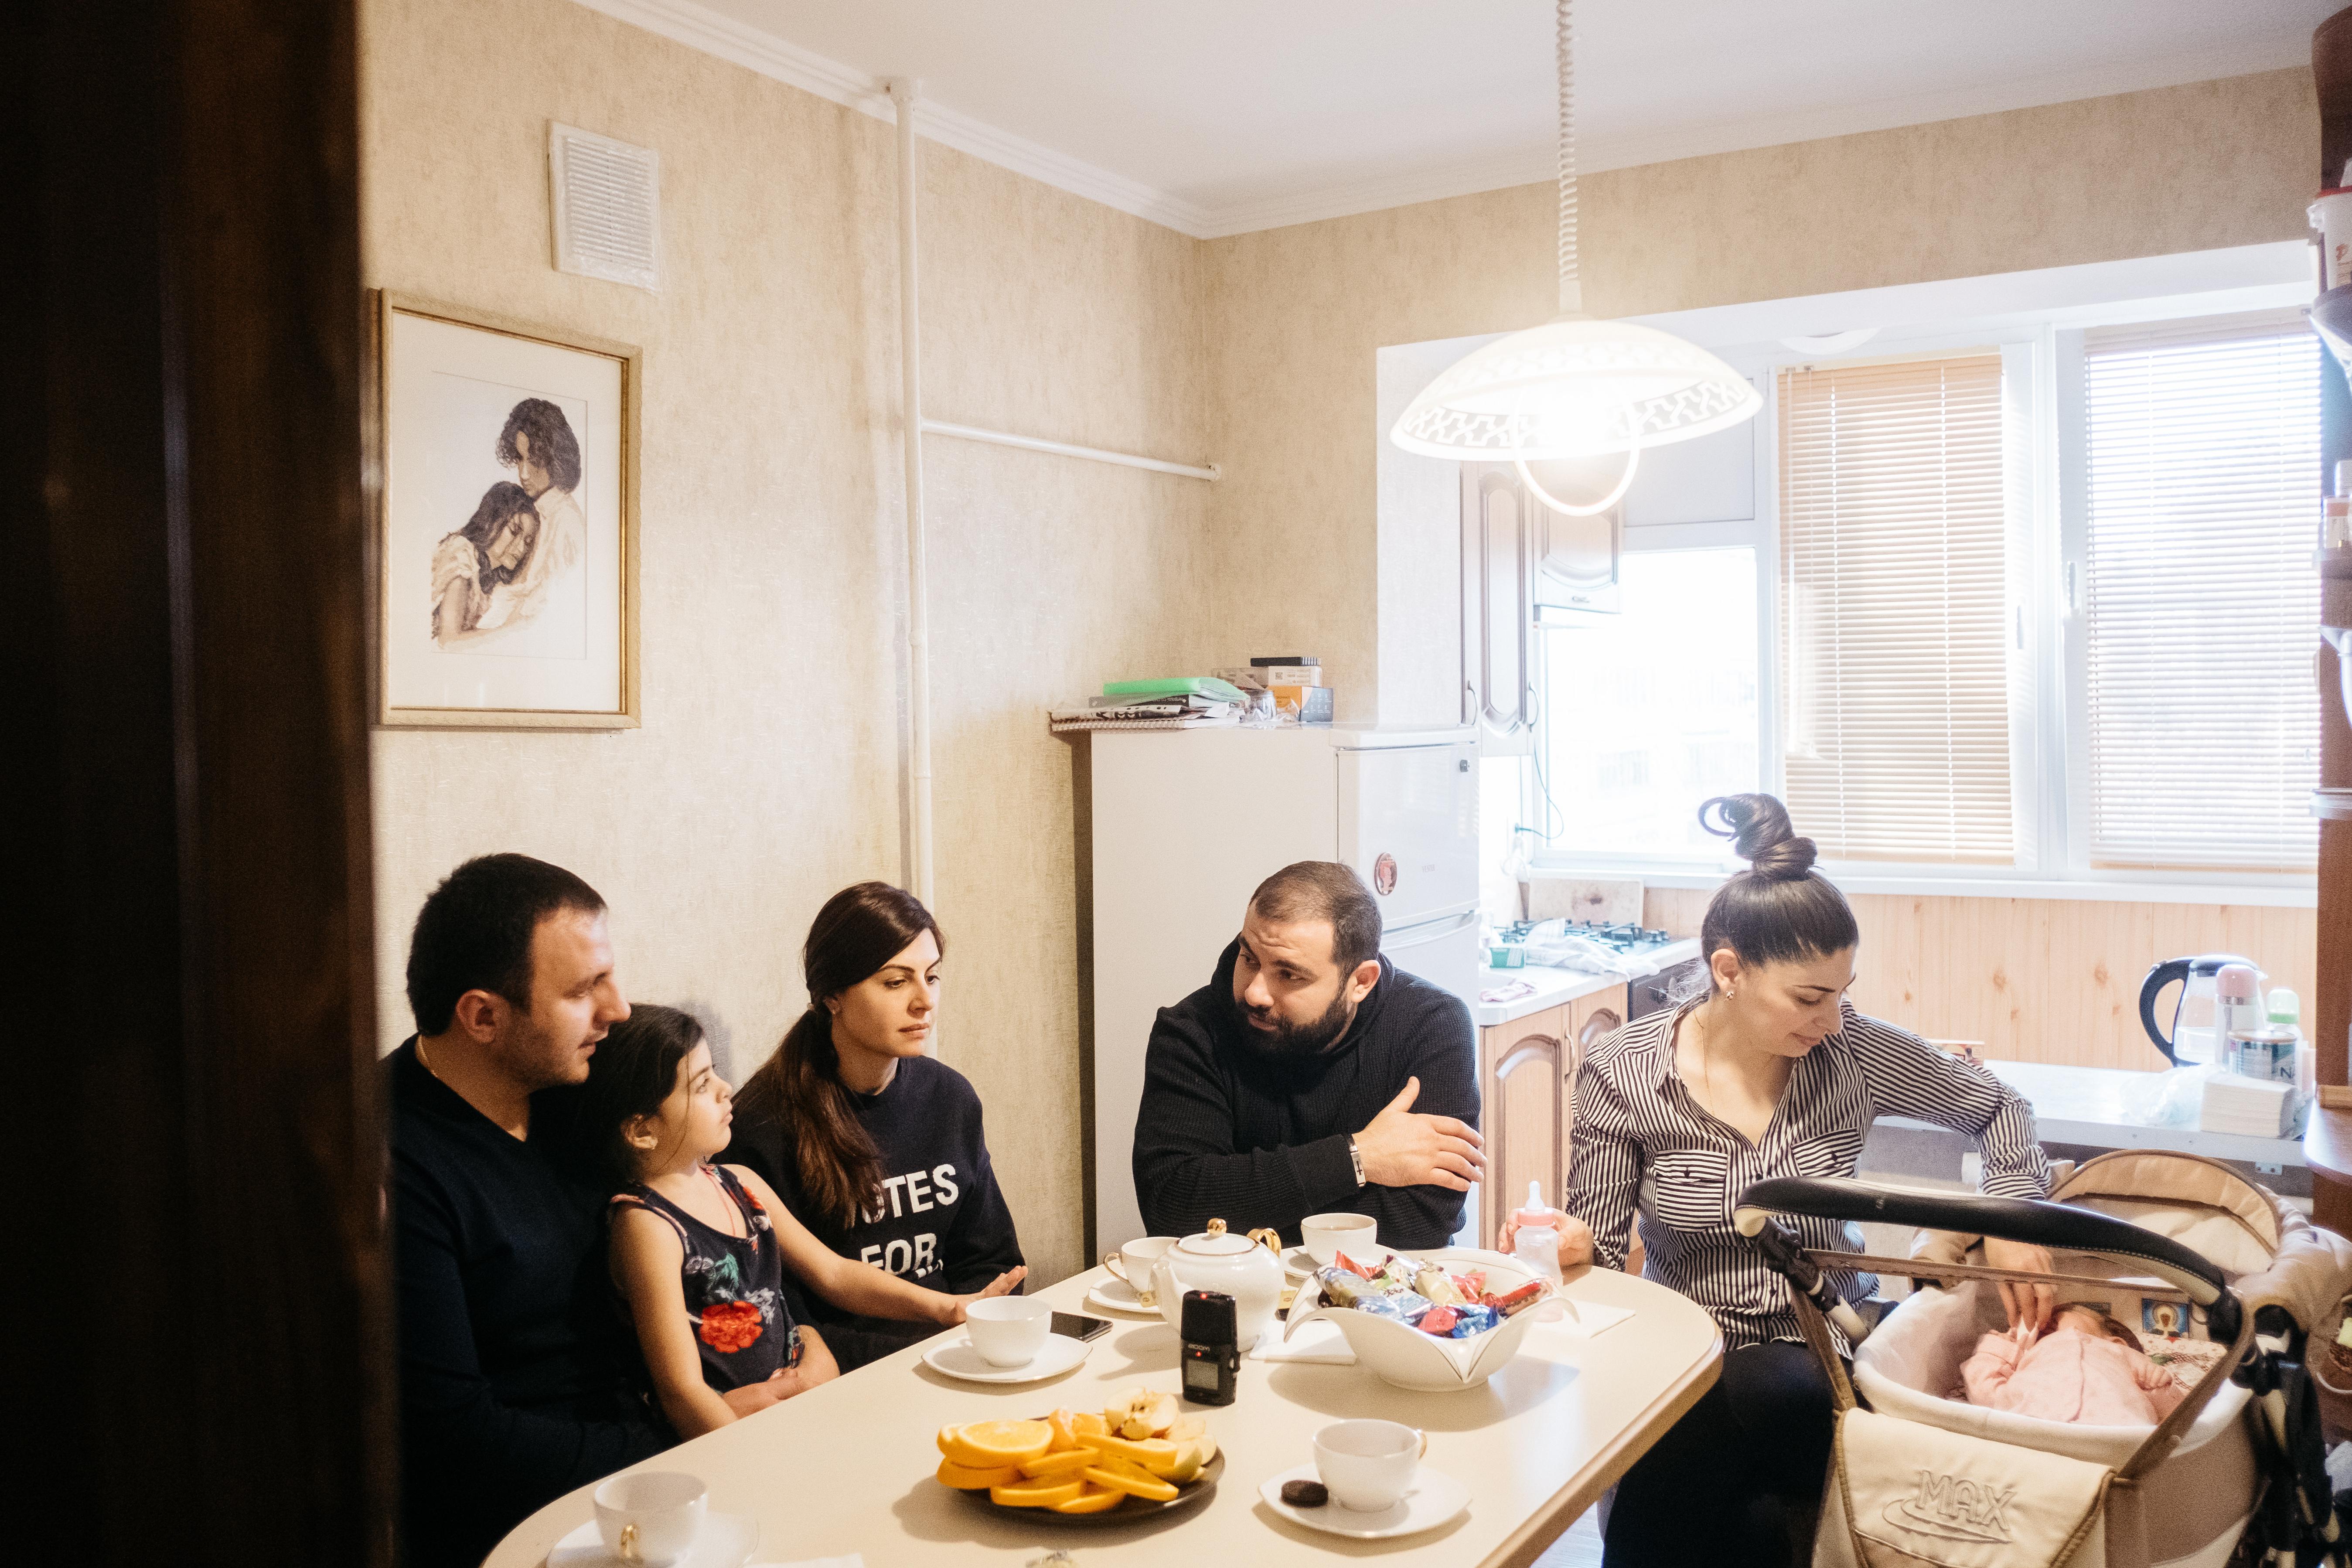 Кисловодска, Супруги из Кисловодска пережили теракт, выиграли у Минздрава суд.  Теперь спасают от смерти дочь